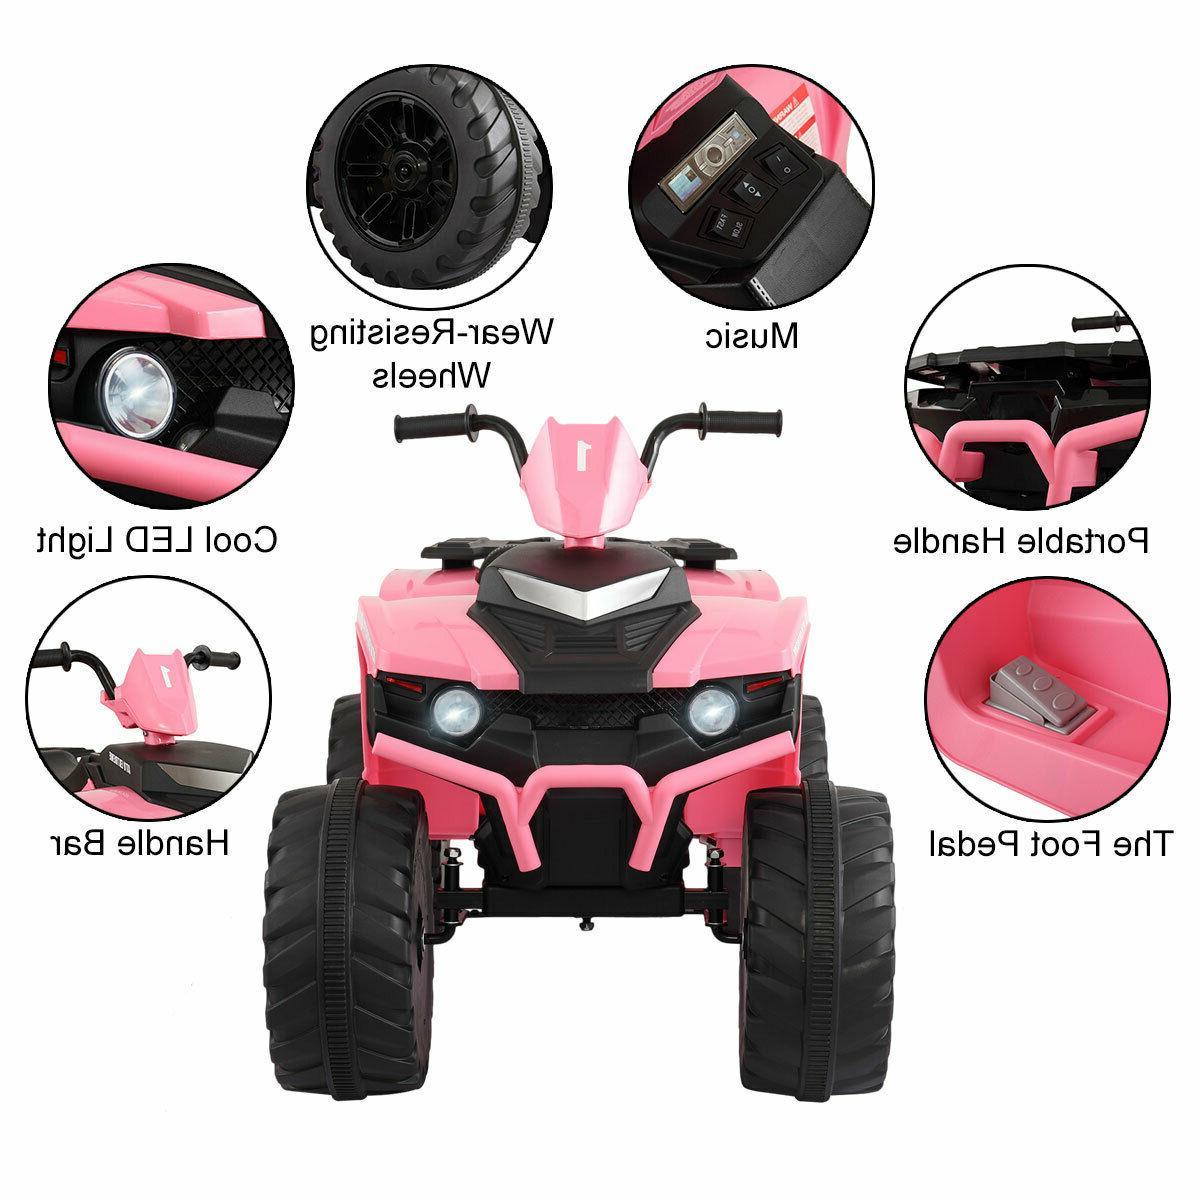 12V Ride On ATV Powered Car Toy W/